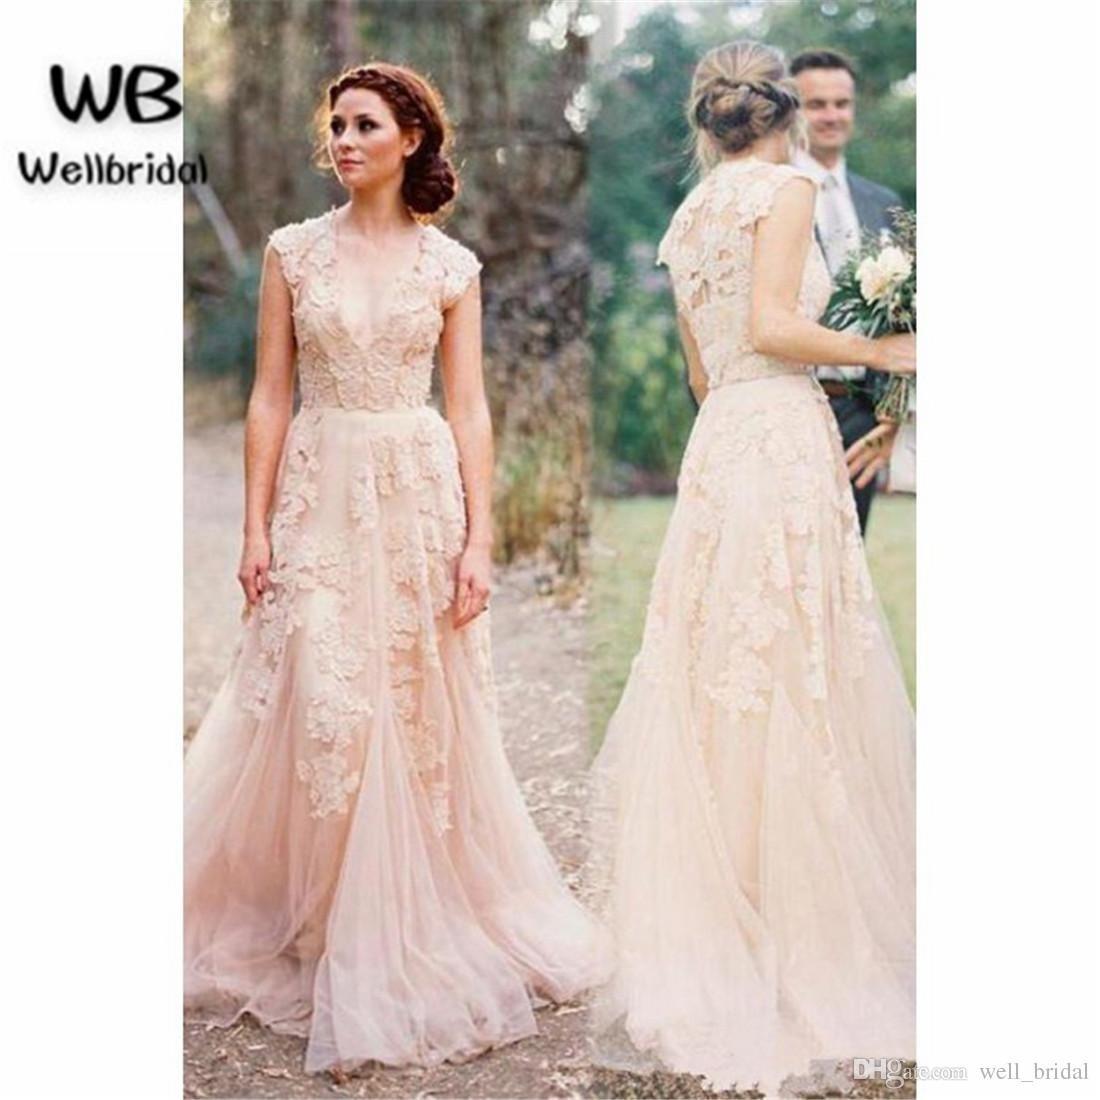 Abend Leicht Abendkleider Für Hochzeit Ärmel13 Wunderbar Abendkleider Für Hochzeit Stylish